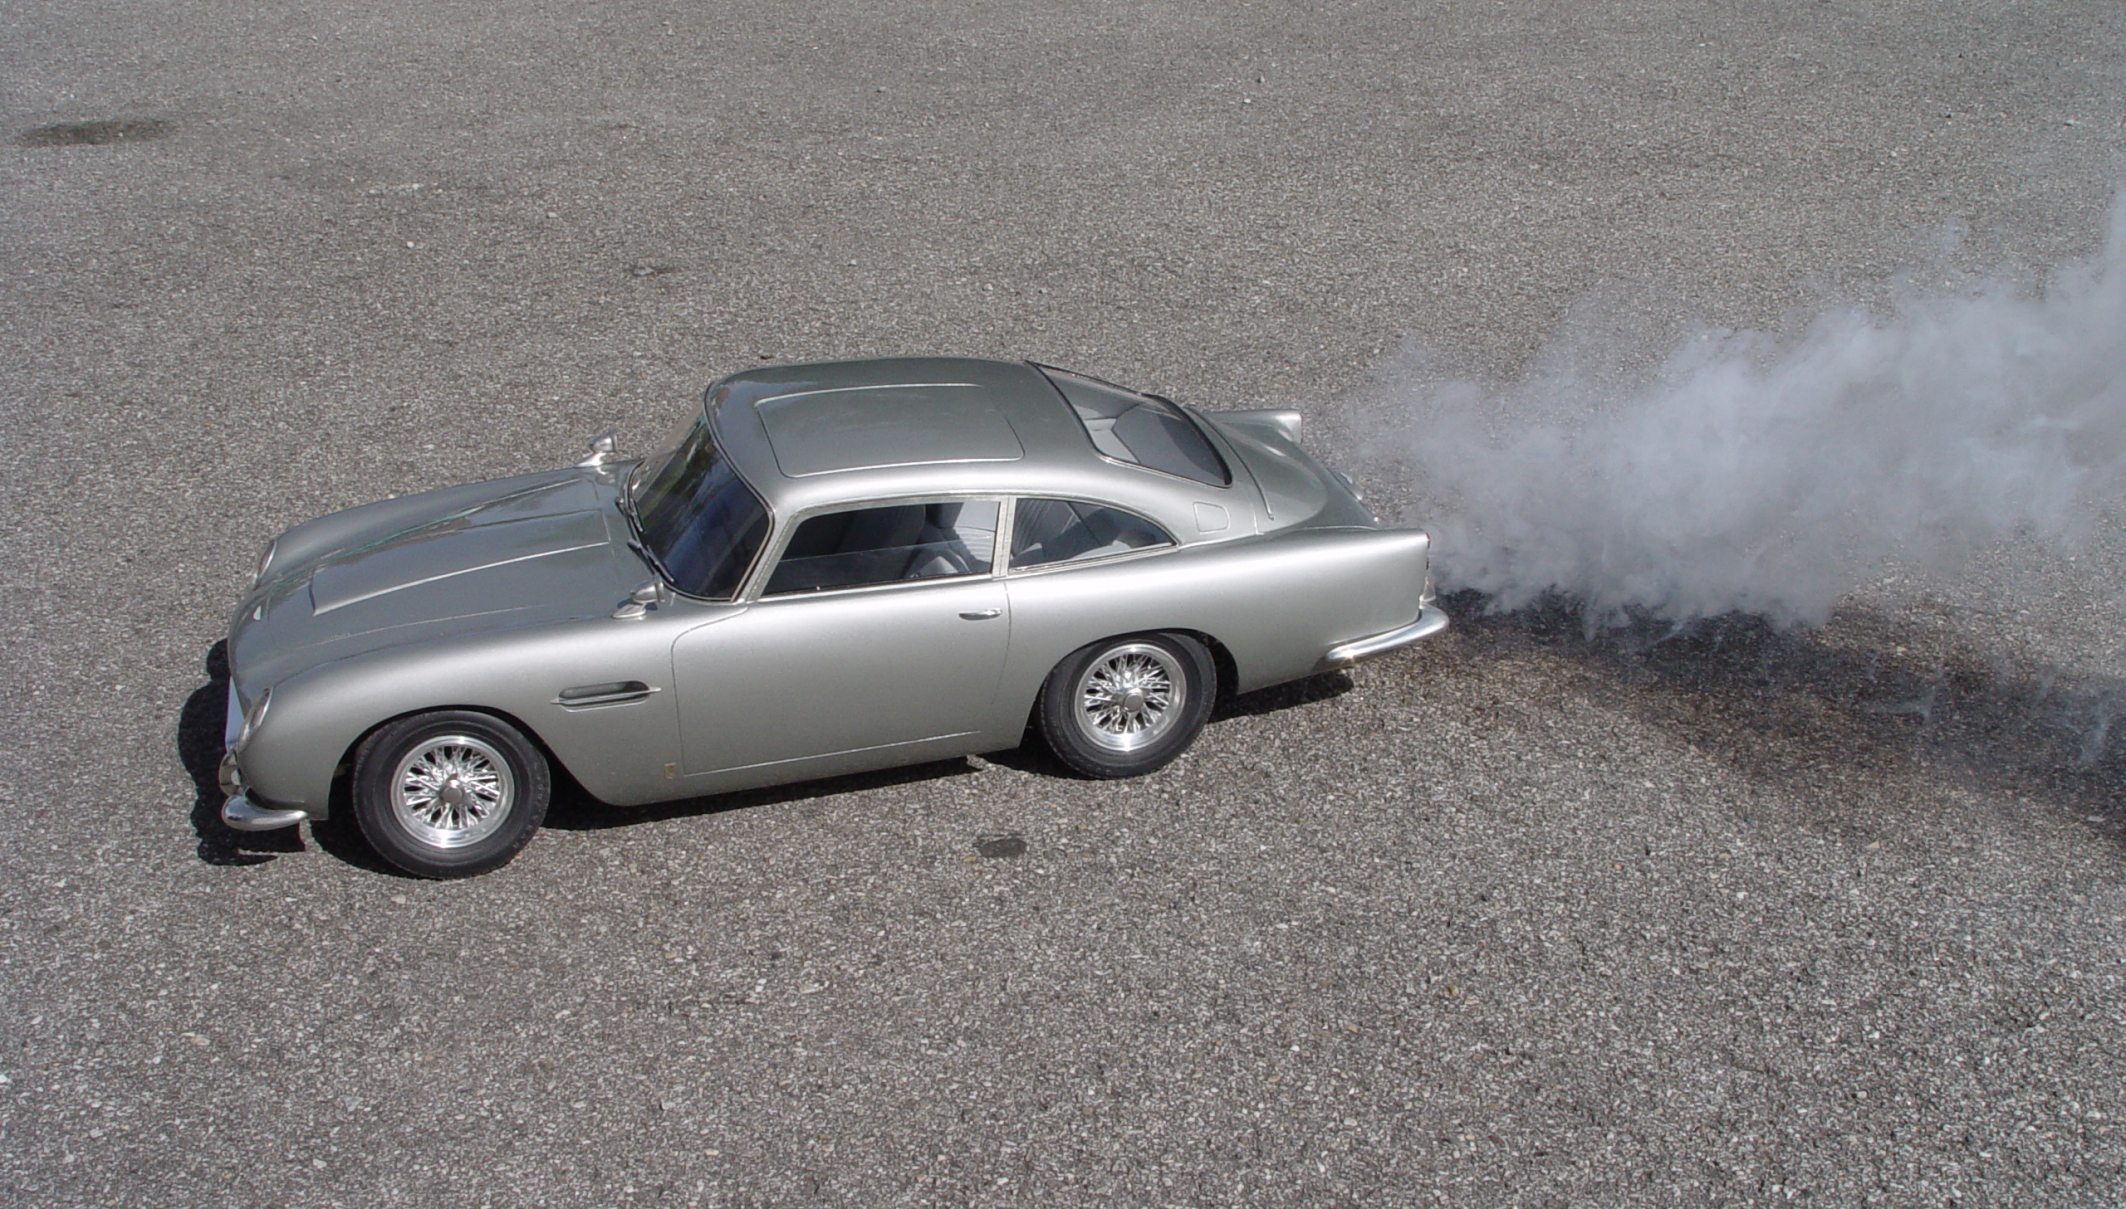 Aston Martin DB5 JB 007 1:8 - Page 2 1-8_Aston_Martin_James_Bond_Diamond_Cars_smoke01